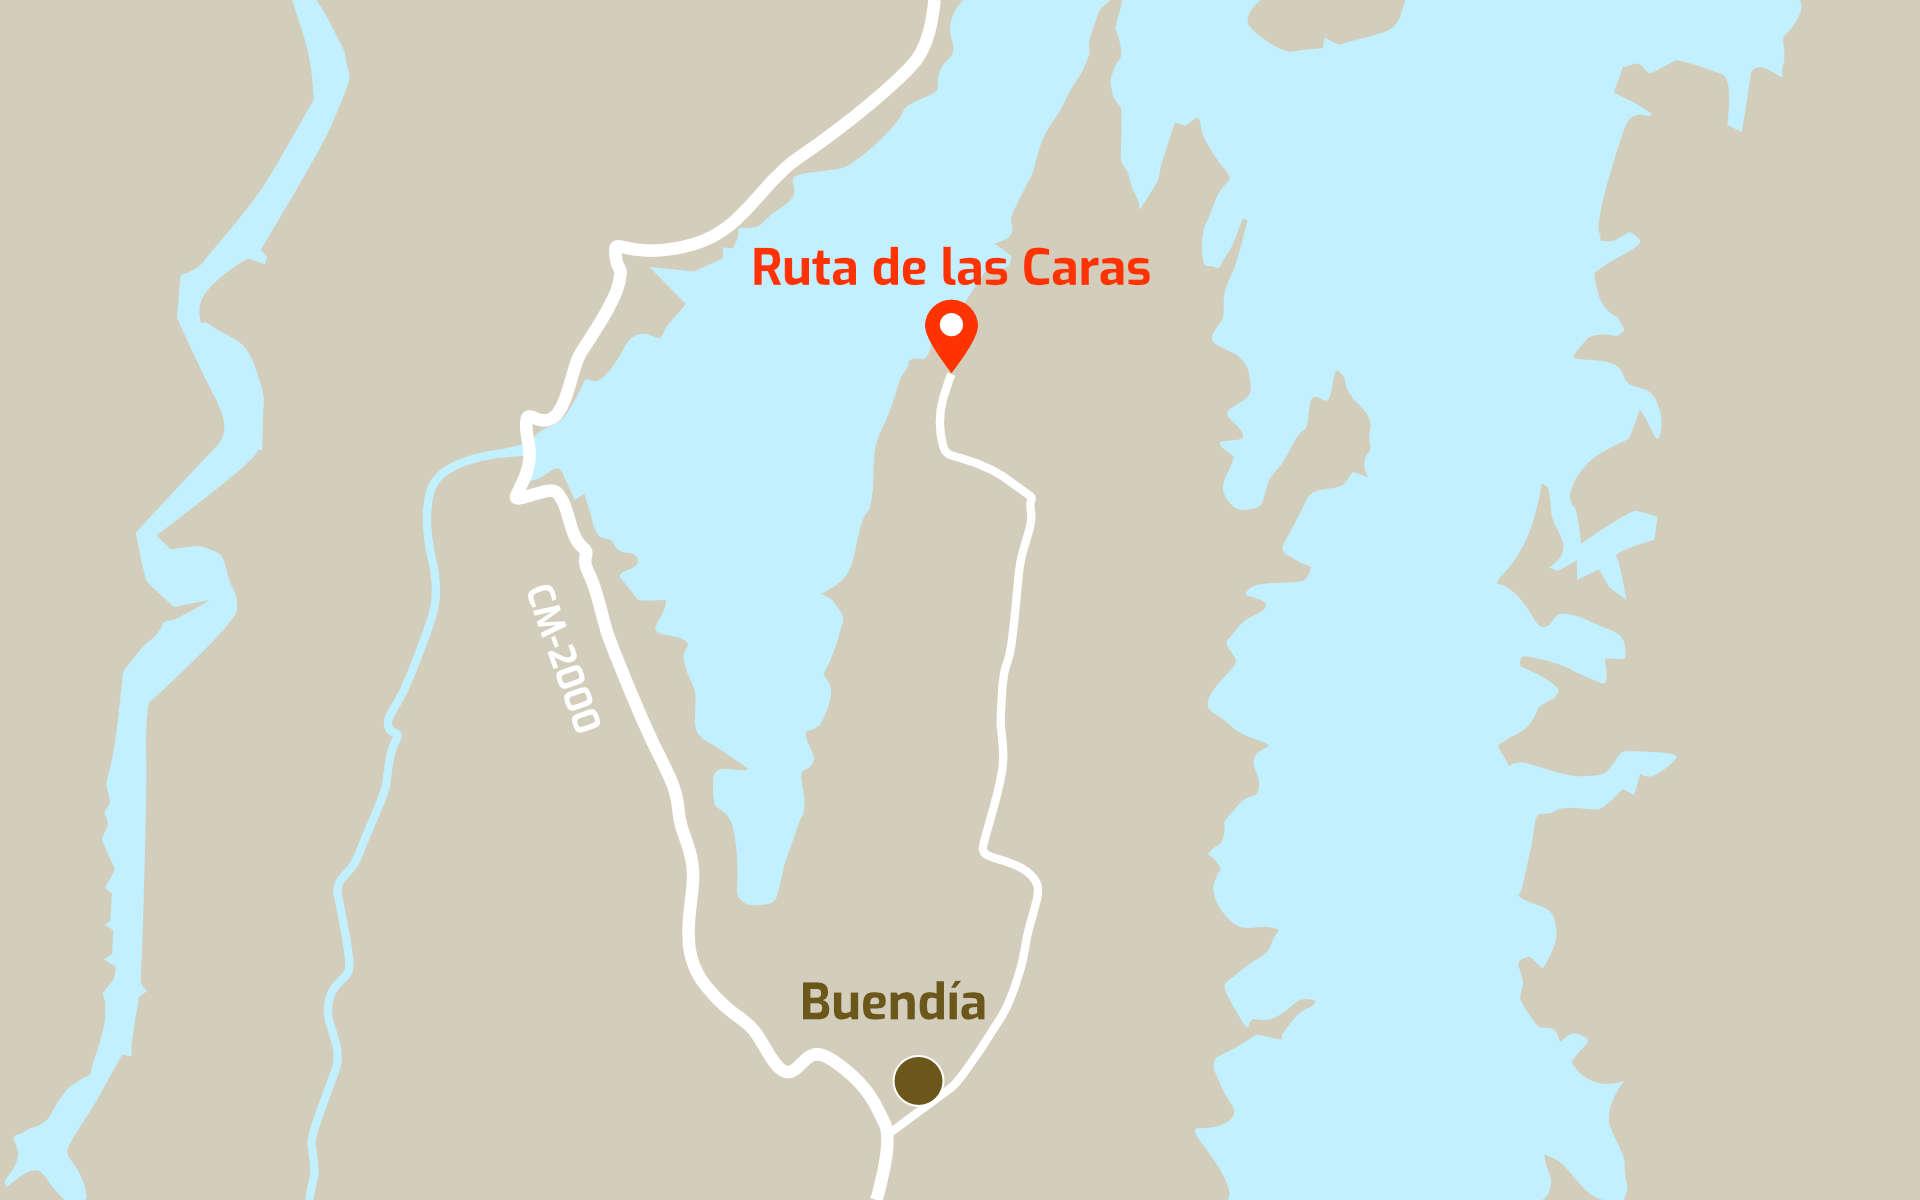 Mapa de cómo llegar a la Ruta de las Caras desde Buendía